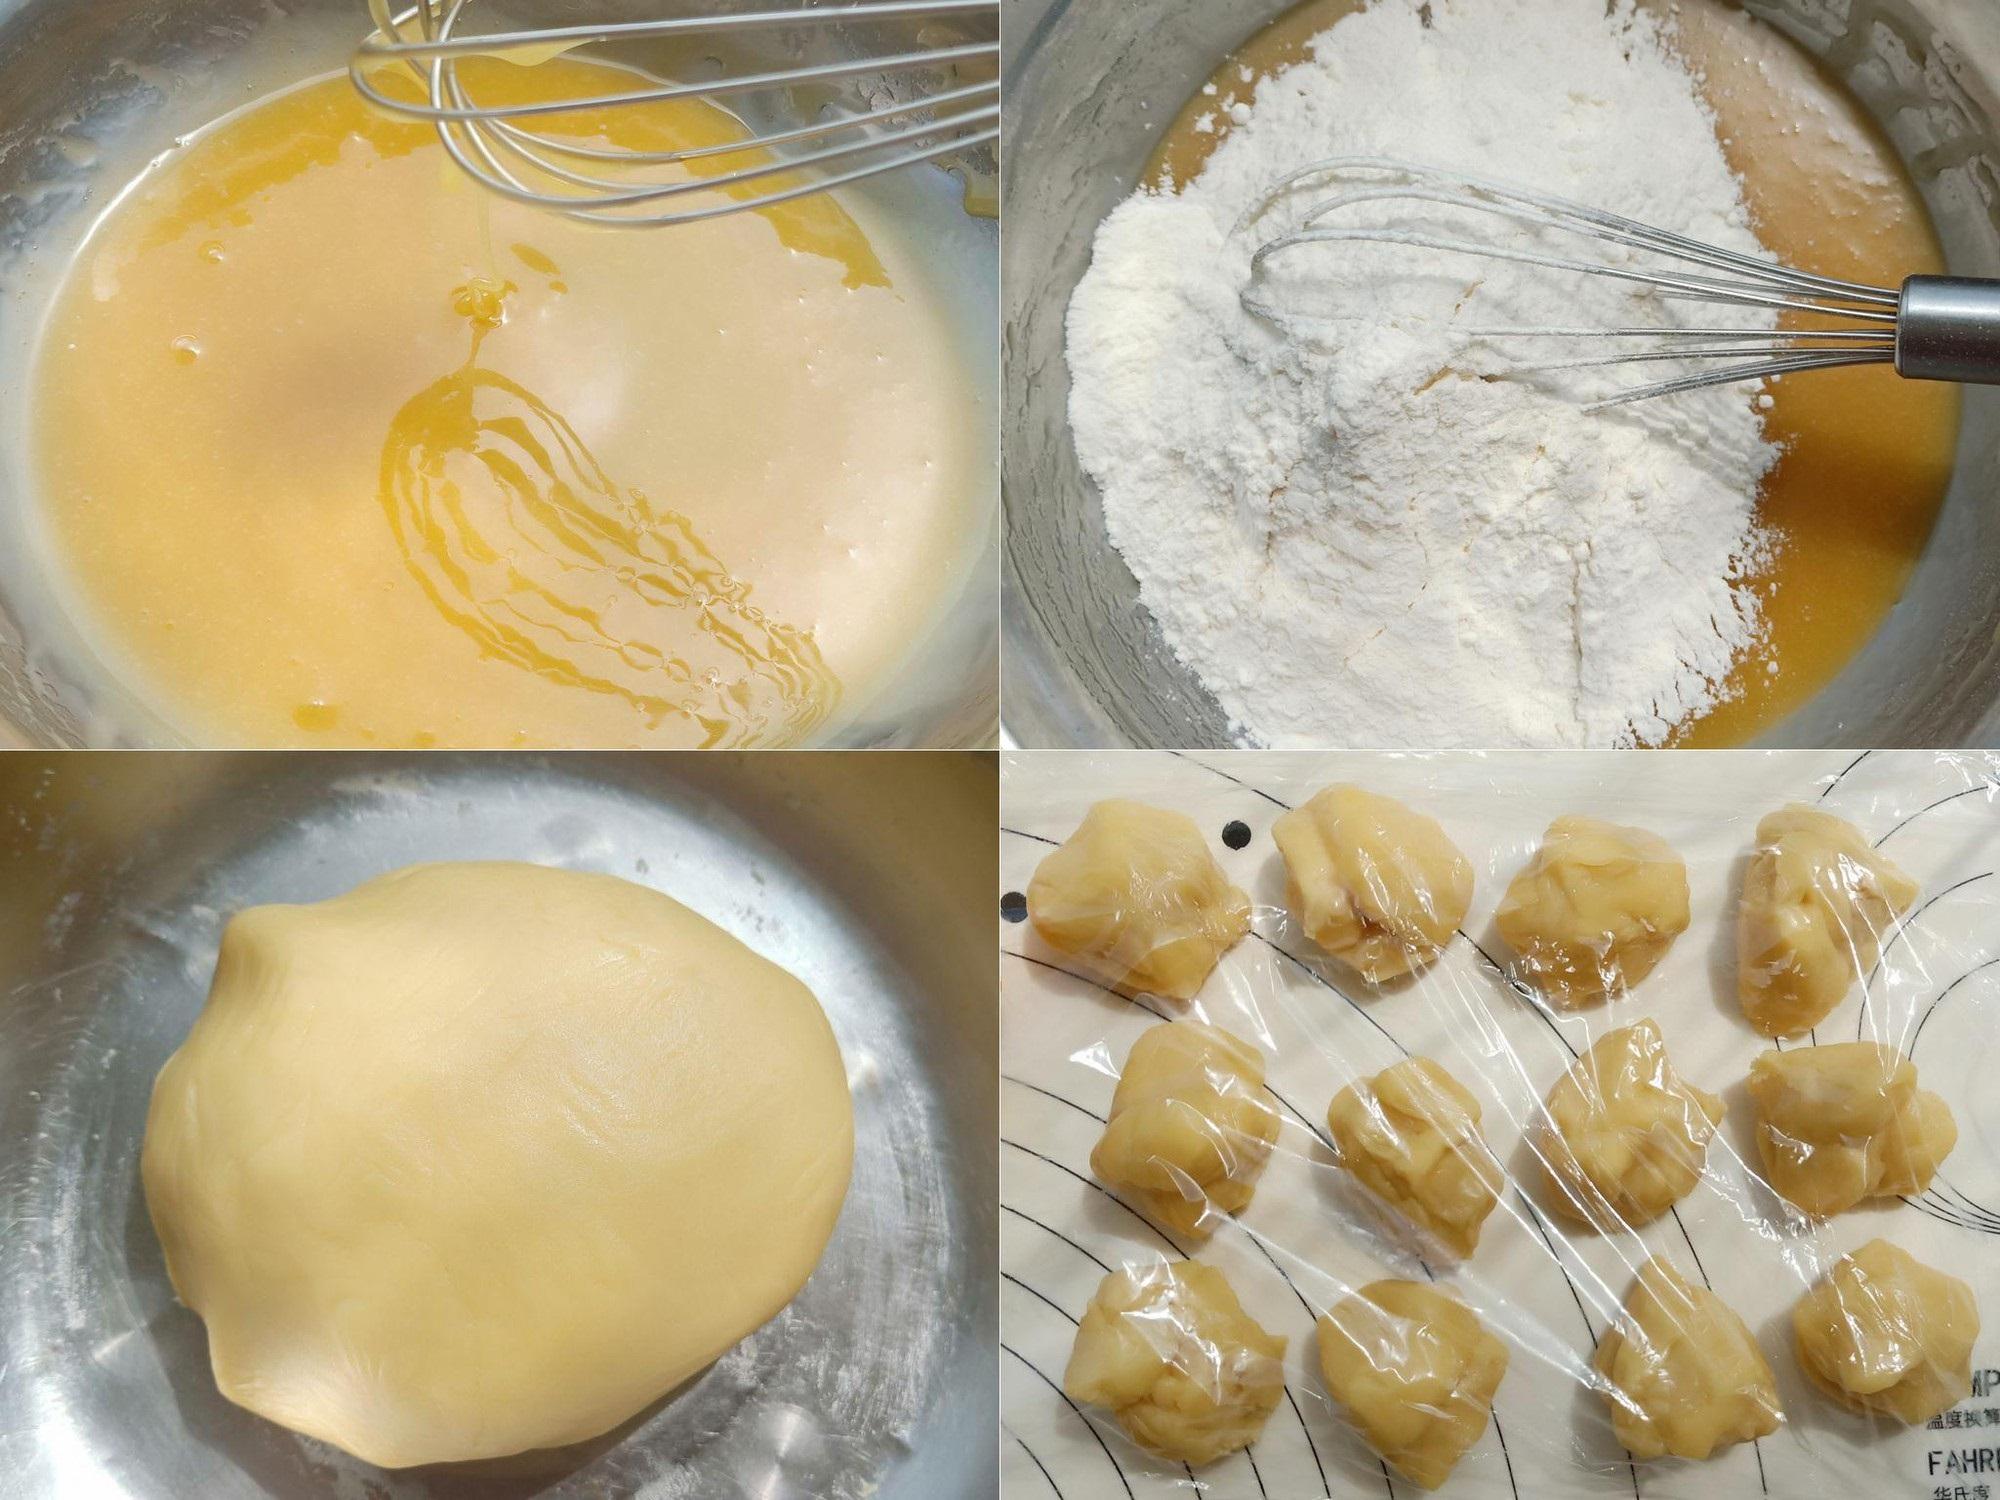 """Khỏi tốn """"núi tiền"""" khi bạn tự làm món bánh Trung Thu kem trứng muối đang siêu hot này một cách rất dễ dàng - Ảnh 3"""